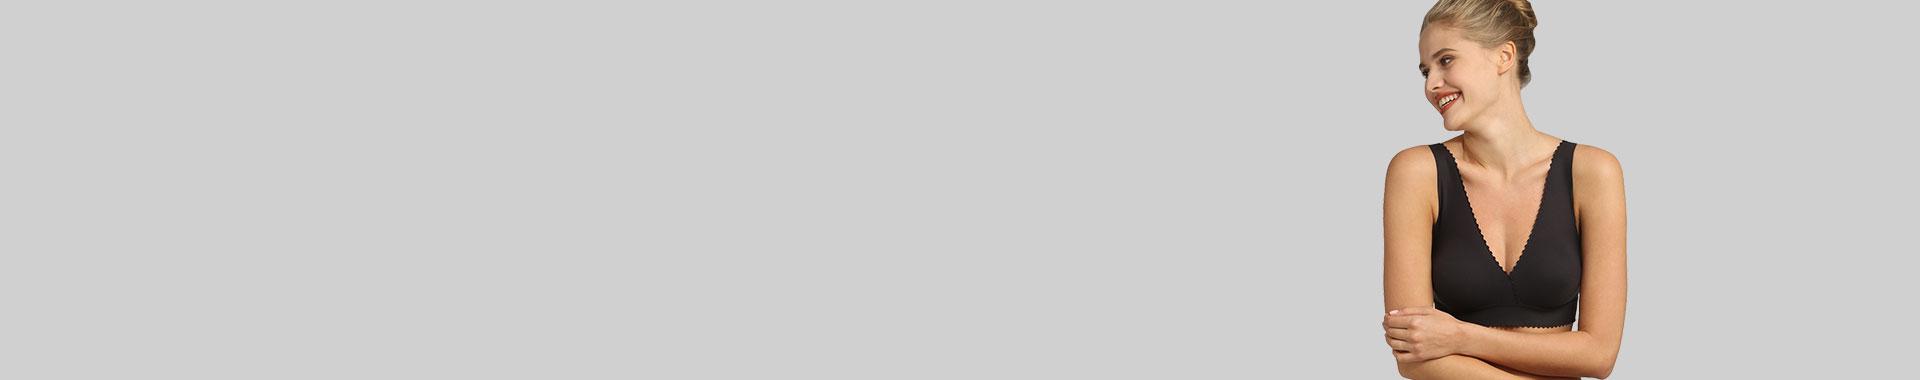 Soutiens-gorge Sans Armatures - Une poitrine maintenue même sans armatures avec les soutiens-gorge DIM.